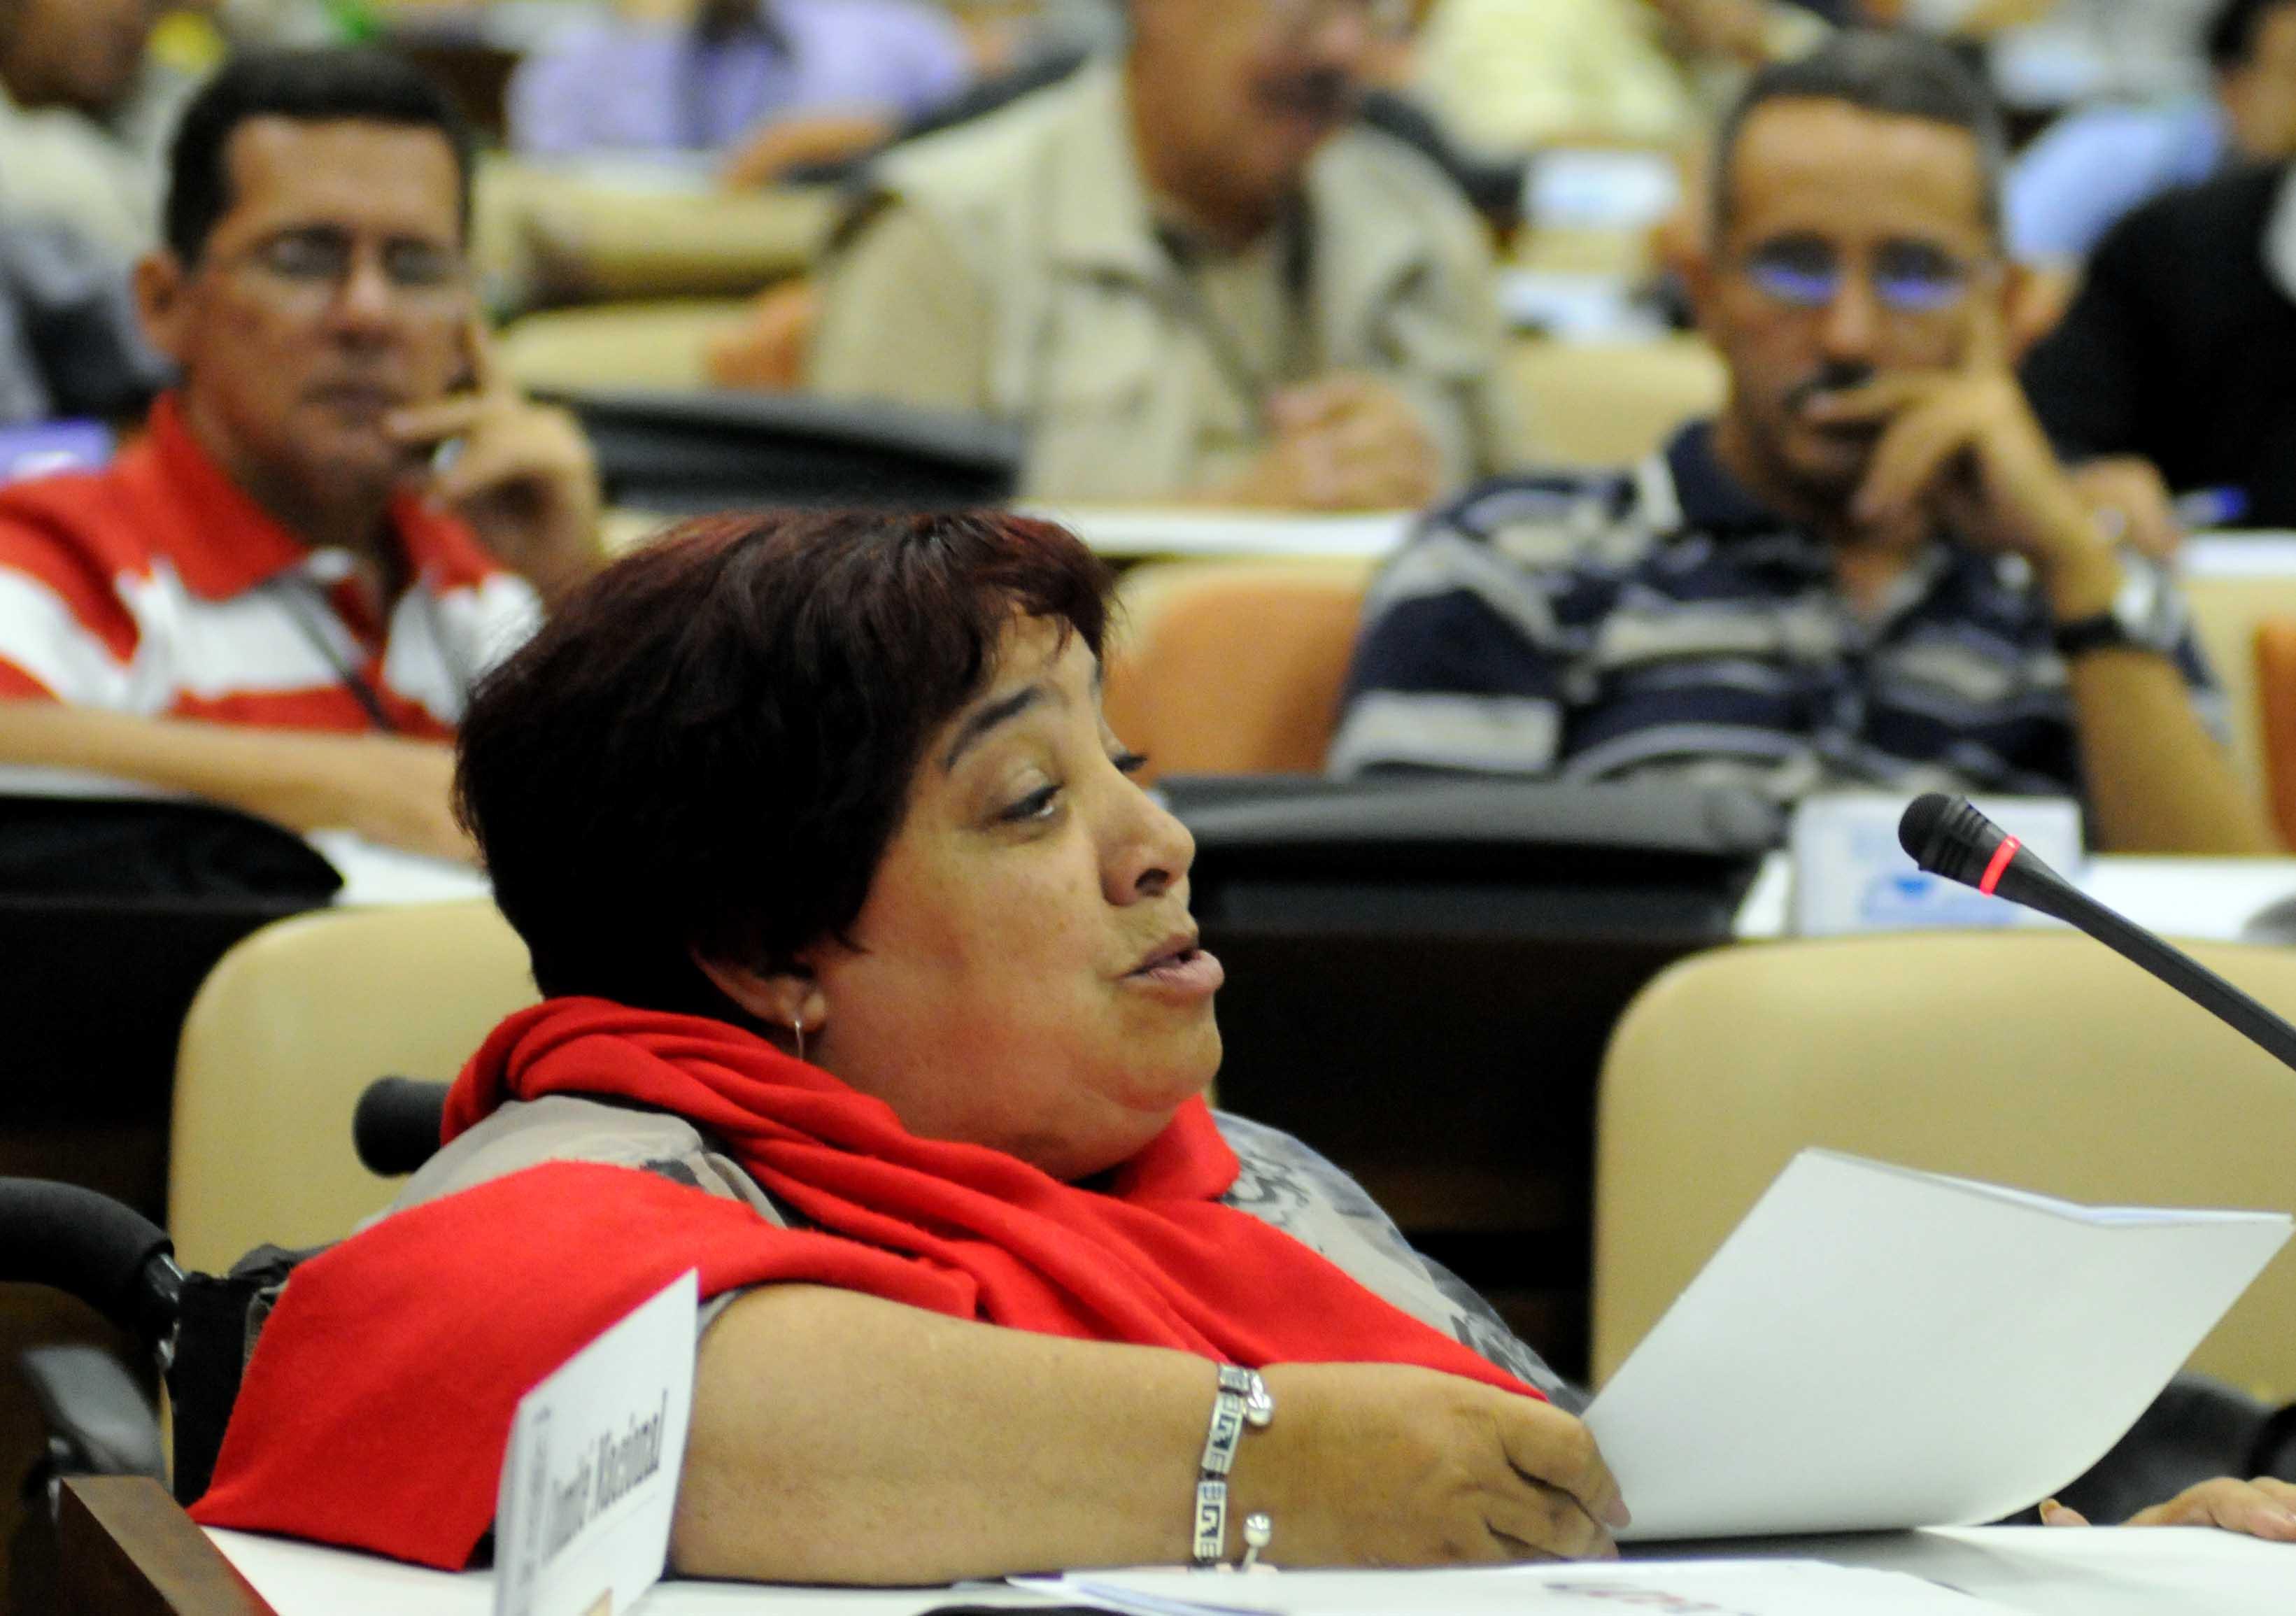 La Dra. Isabel Moya, Directora de la Editorial de la Mujer, enfatizó en la necesidad de reforzar símbolos, valores y percepciones frente al modelo cultural dominante. Foto: Marcelino Hernández/AIN